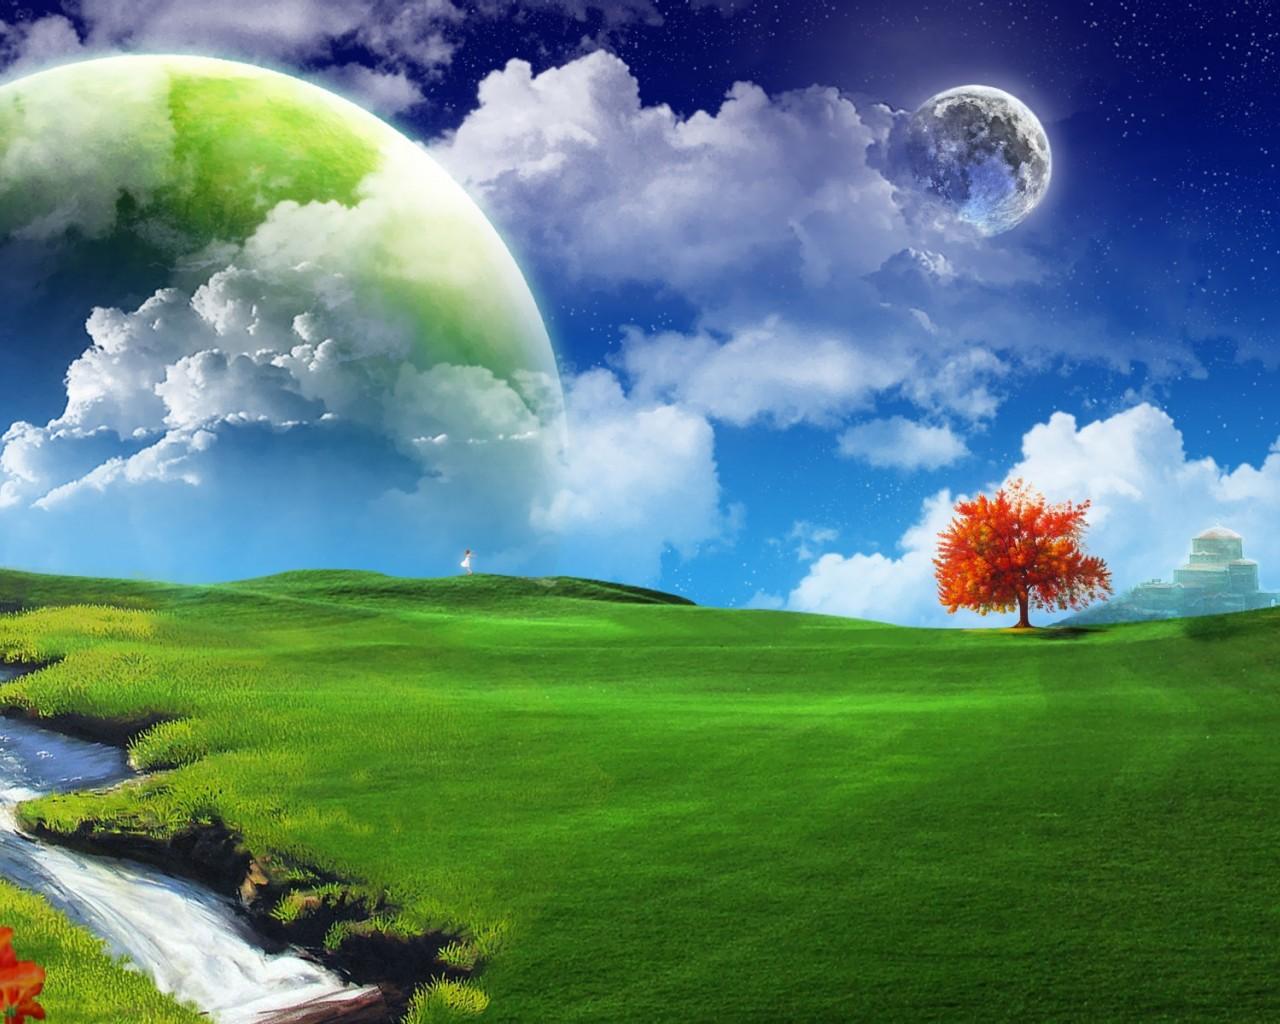 http://4.bp.blogspot.com/-LPL6EdR8vdM/UPyzwYg-5cI/AAAAAAAAHgg/Jguynf7nV7g/s1600/3D-3d-desktop-wallpaper-resolution-images-photo-gallery-computer-wallpapers-free-download-3d-nature-free-1280x1024.jpg